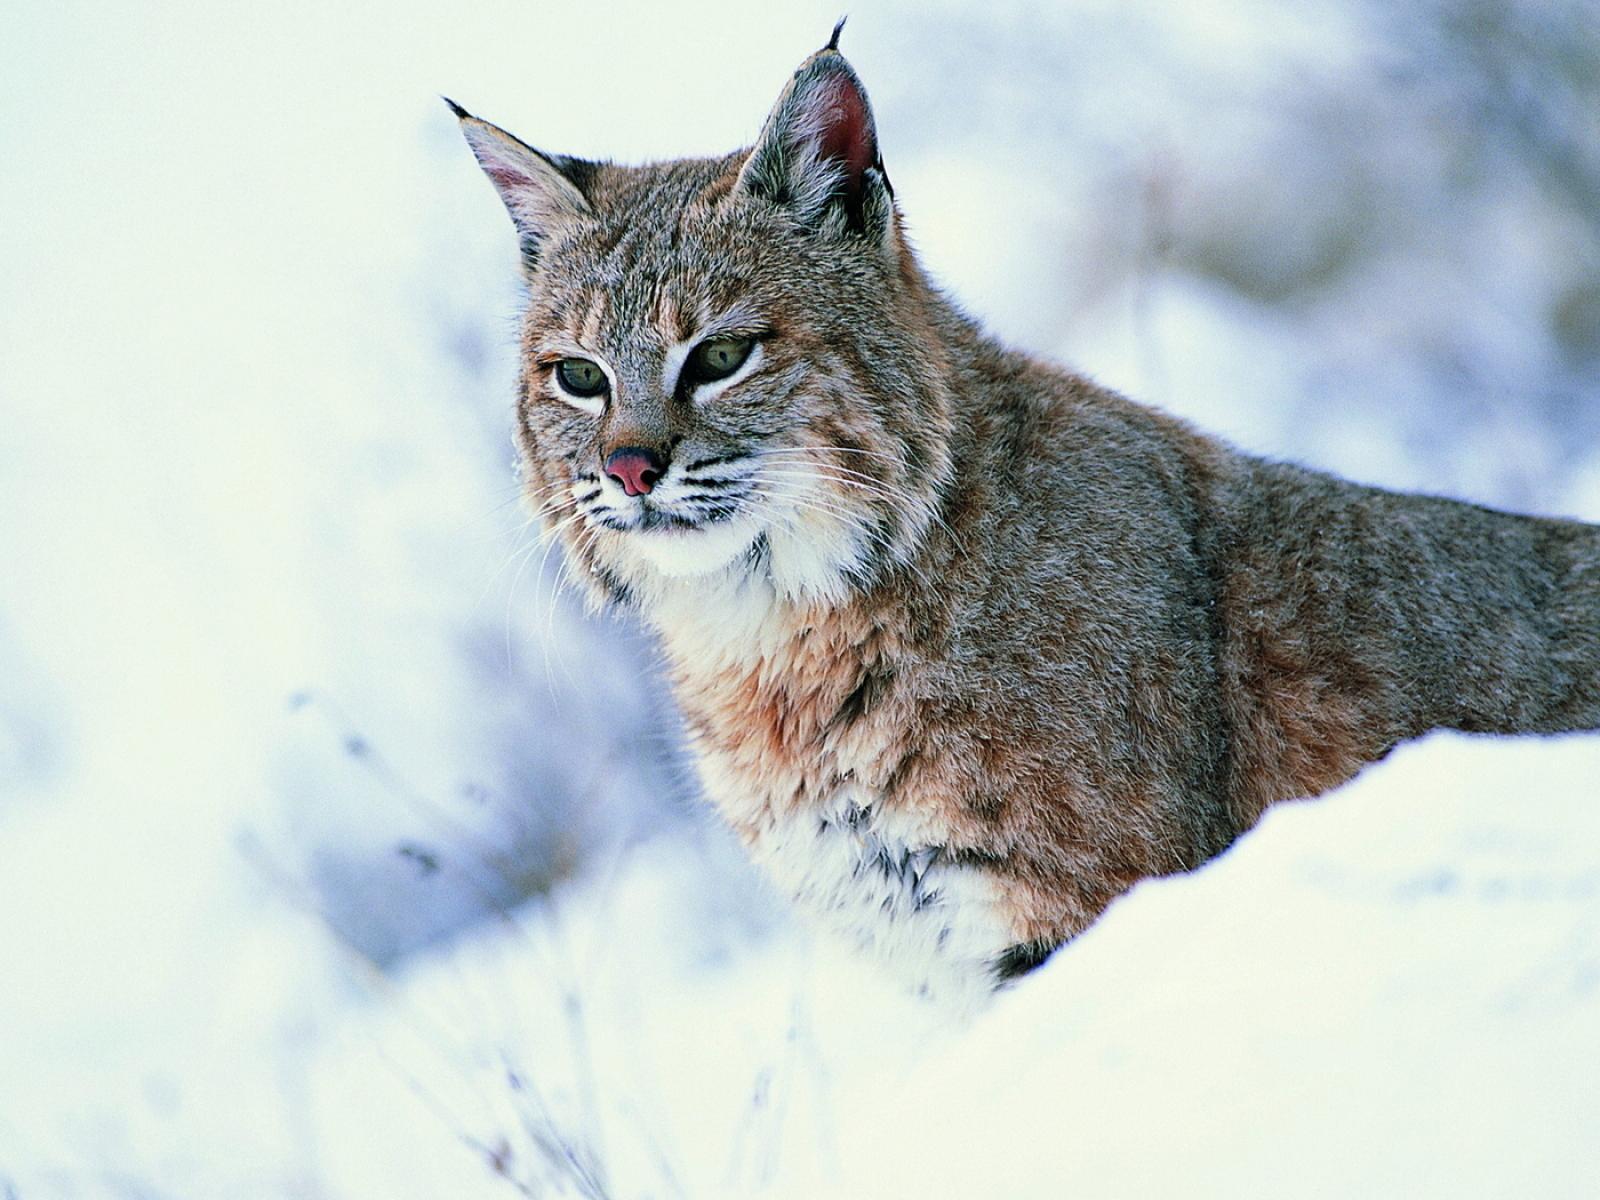 Wildcat Wallpaper - WallpaperSafari